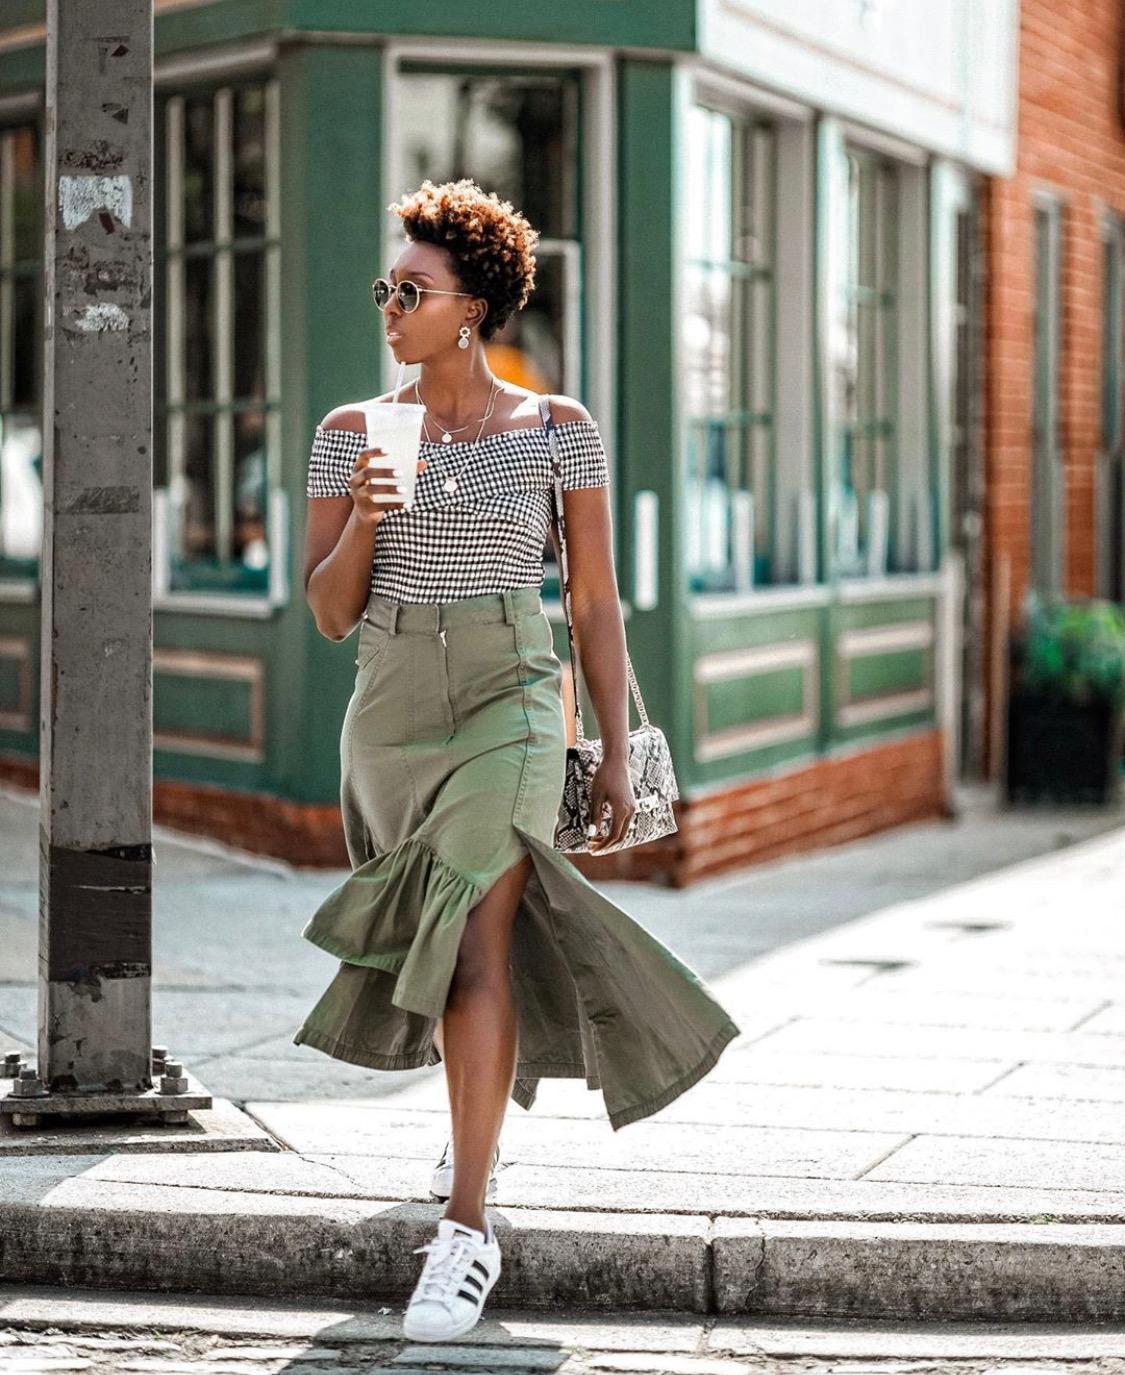 Dayna_bolden-baltimore-blogger-2.jpg